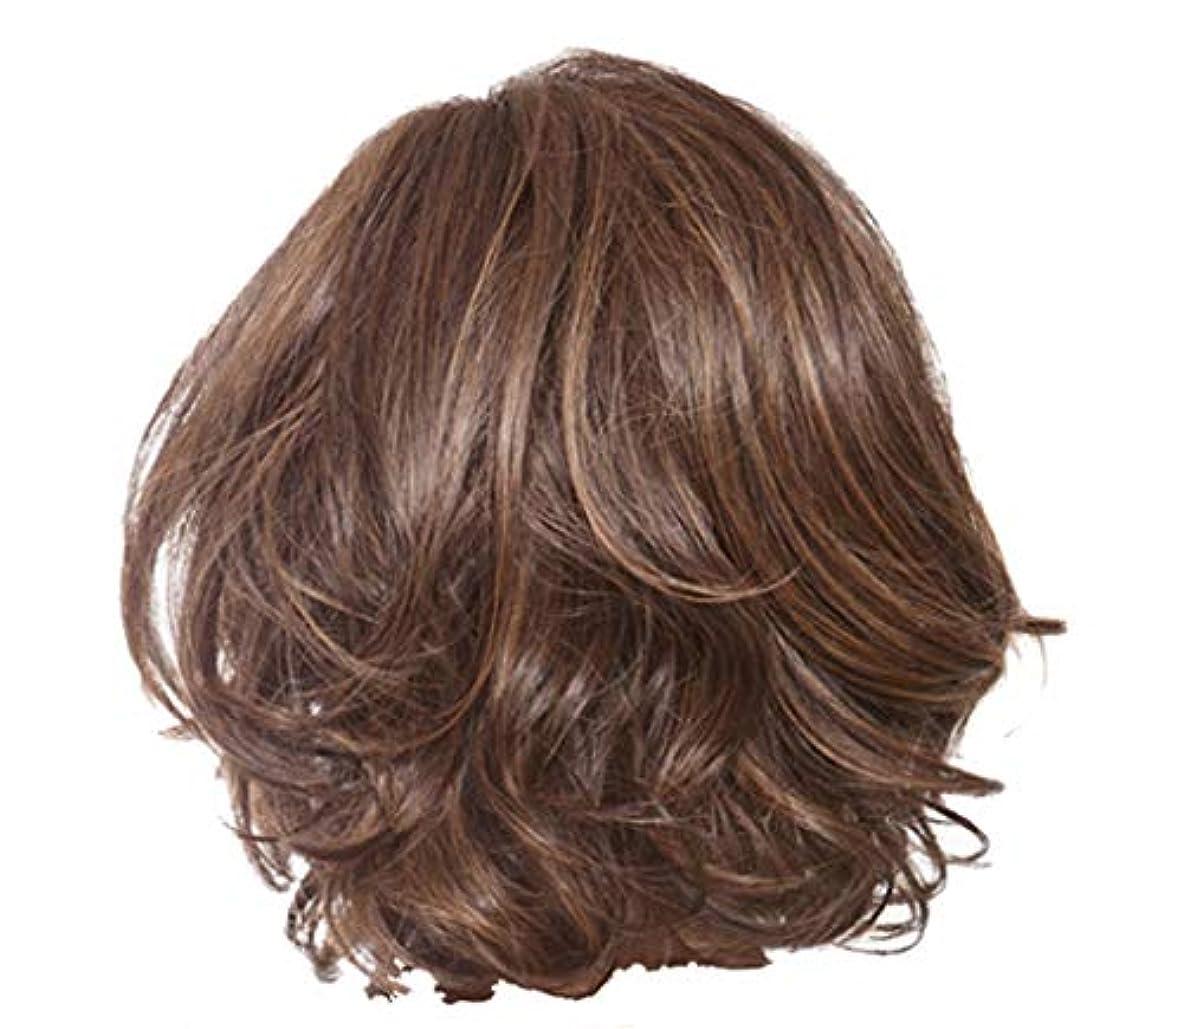 予感ゆでる忠誠ウィッグ女性のセクシーな短い巻き毛のかつらクールなハンサムなかつら36 cm